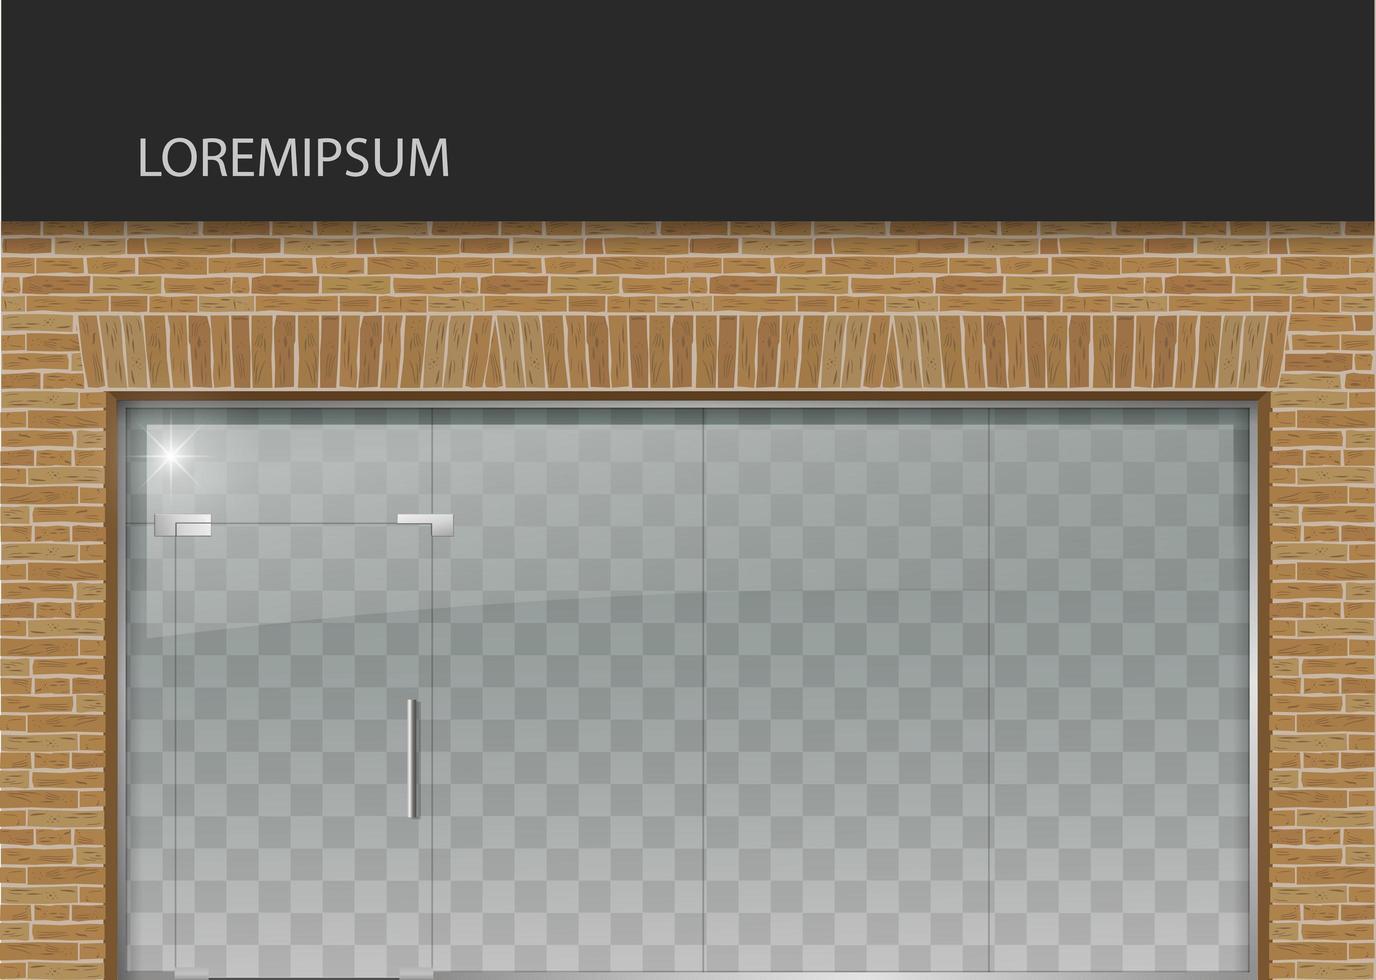 loft stil fasad med glasdörr vektor